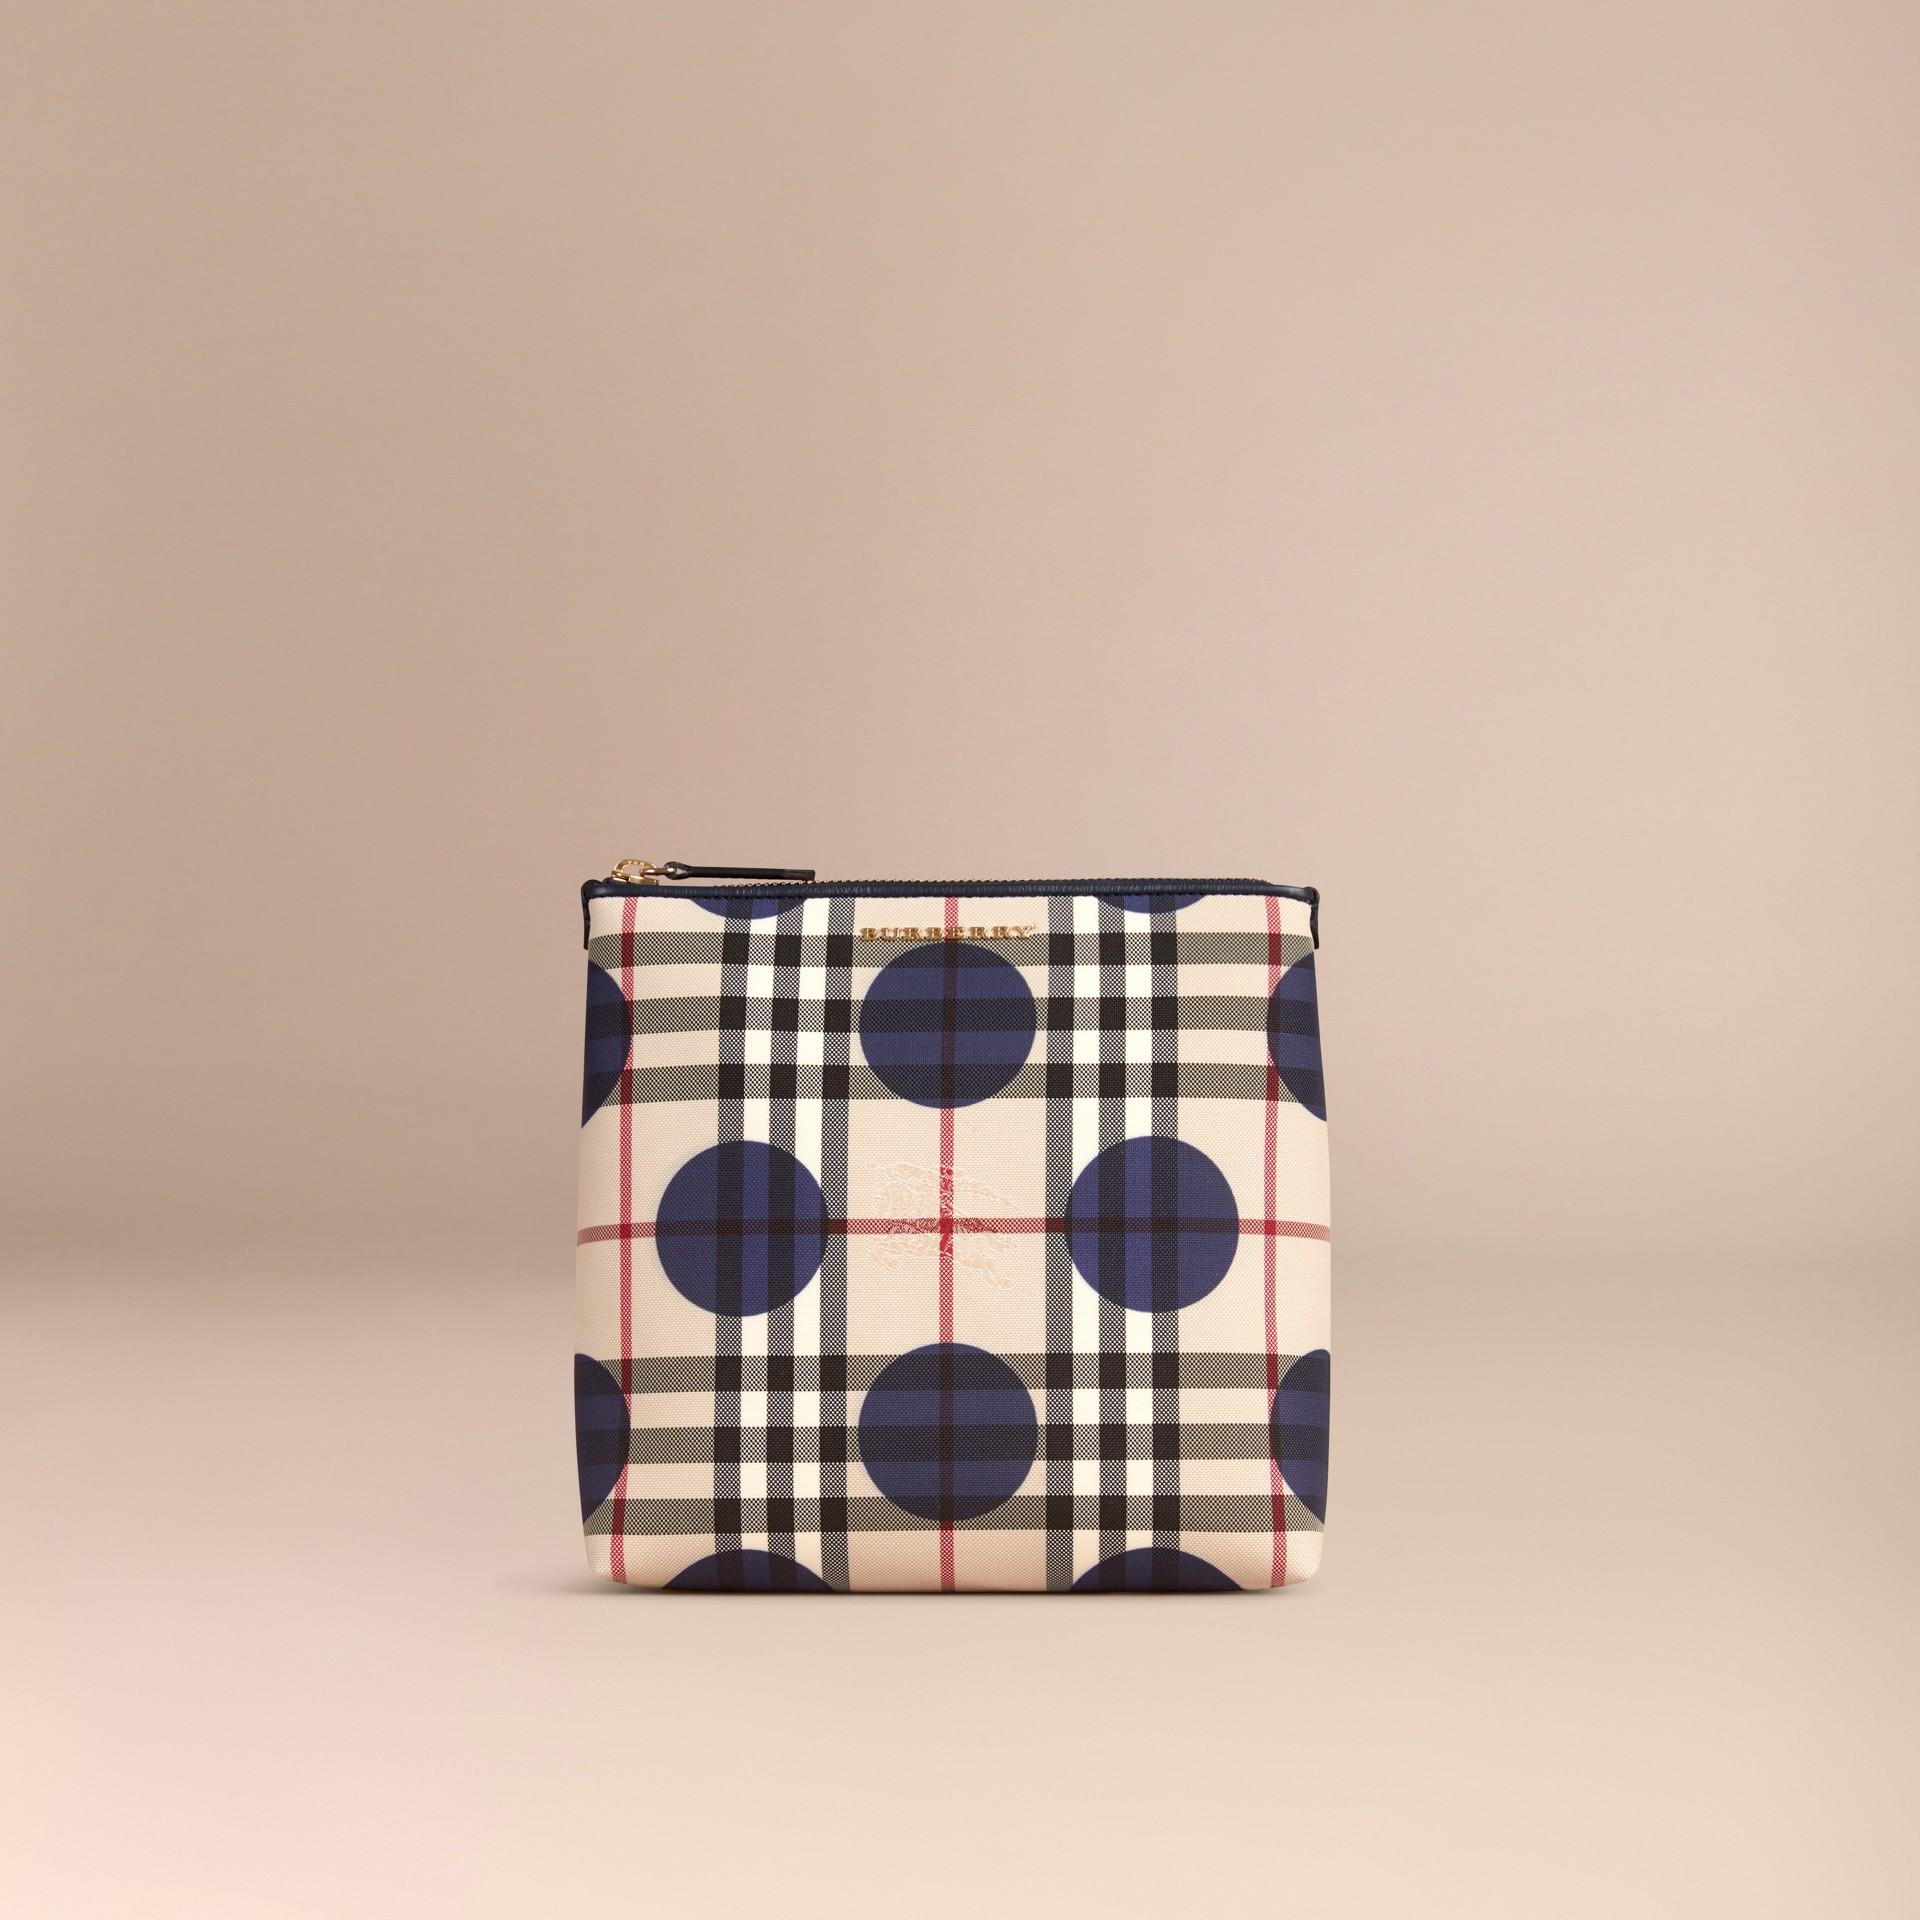 Bleu carbone Grande pochette à motif check et à pois bordée de cuir Bleu Carbone - photo de la galerie 3